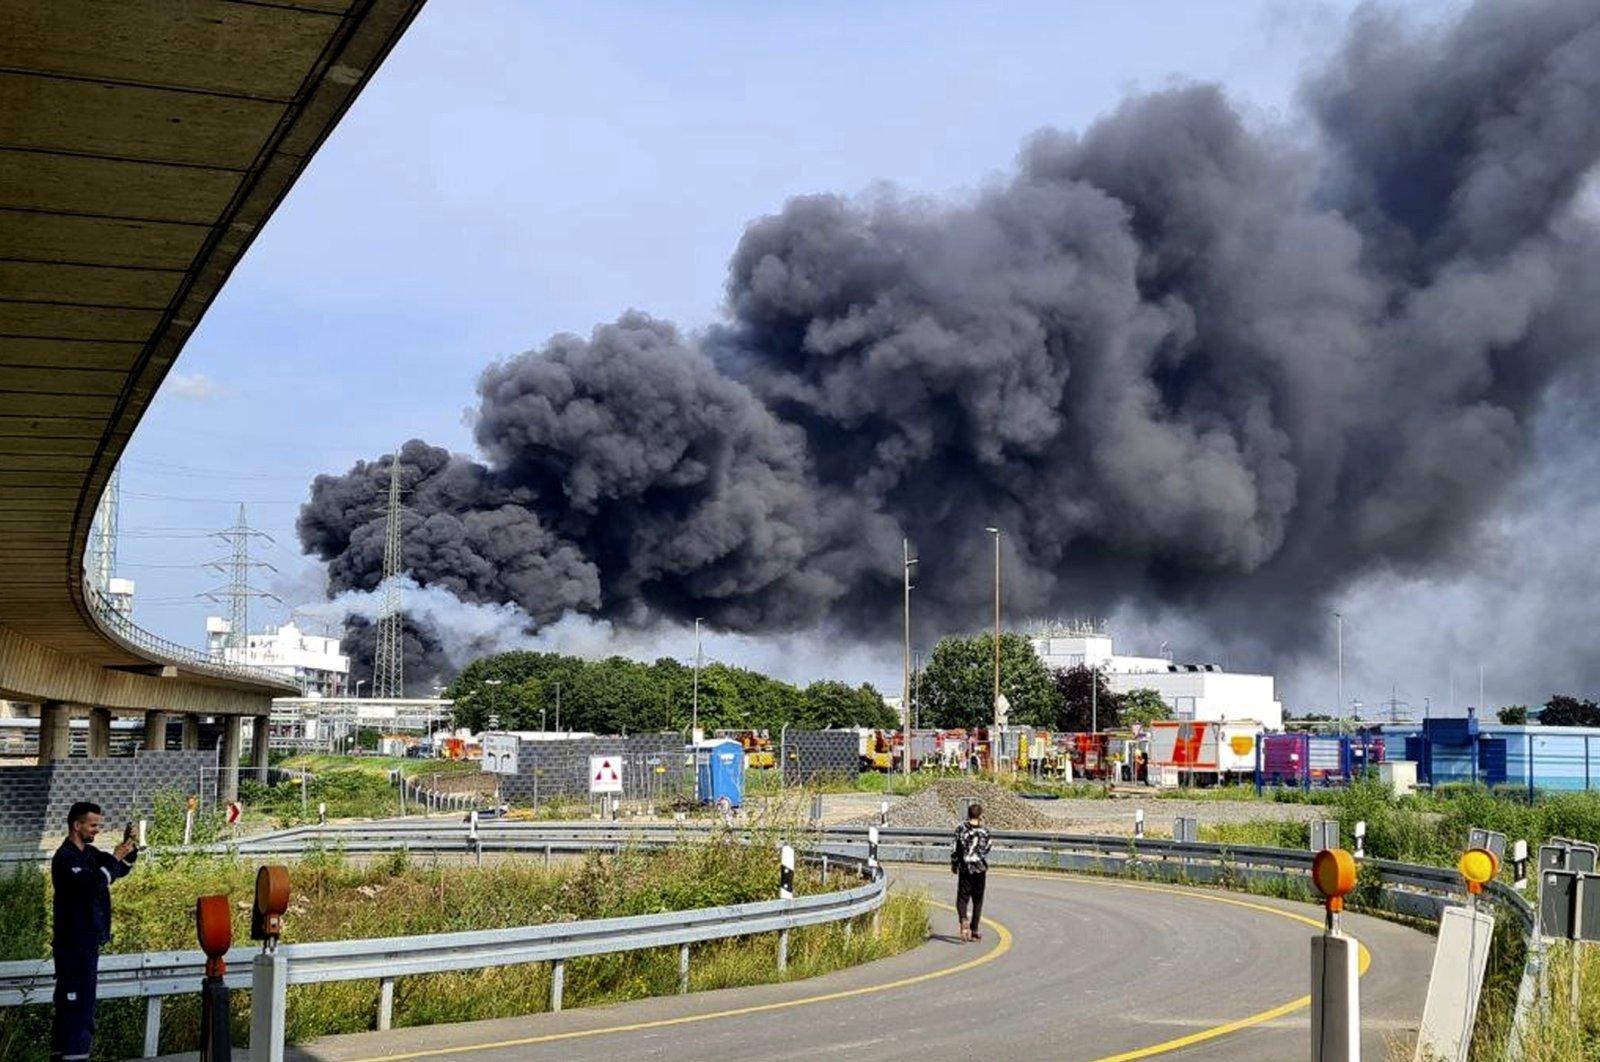 Cinci dispăruţi şi câţiva răniţi în urma exploziei dintr-un parc industrial din Leverkusen